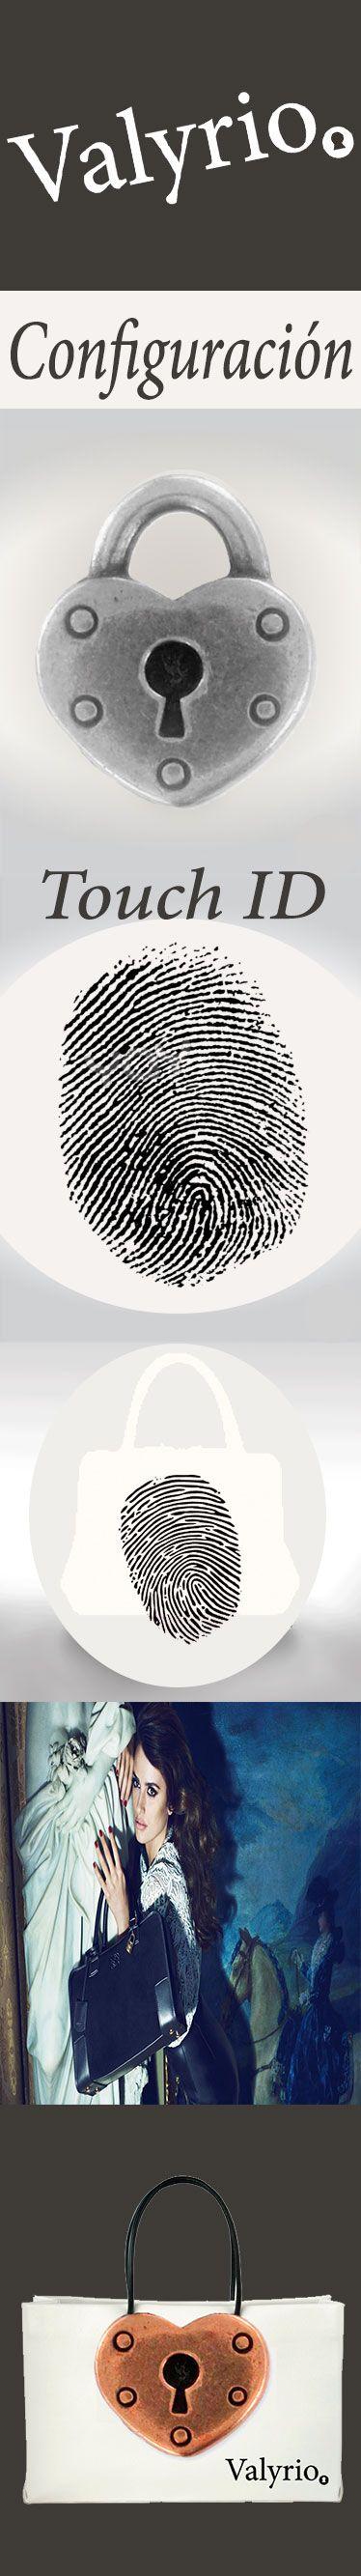 Bolsos Valyrio cuenta con la configuración Touch ID (apertura a través de la huella de identidad).